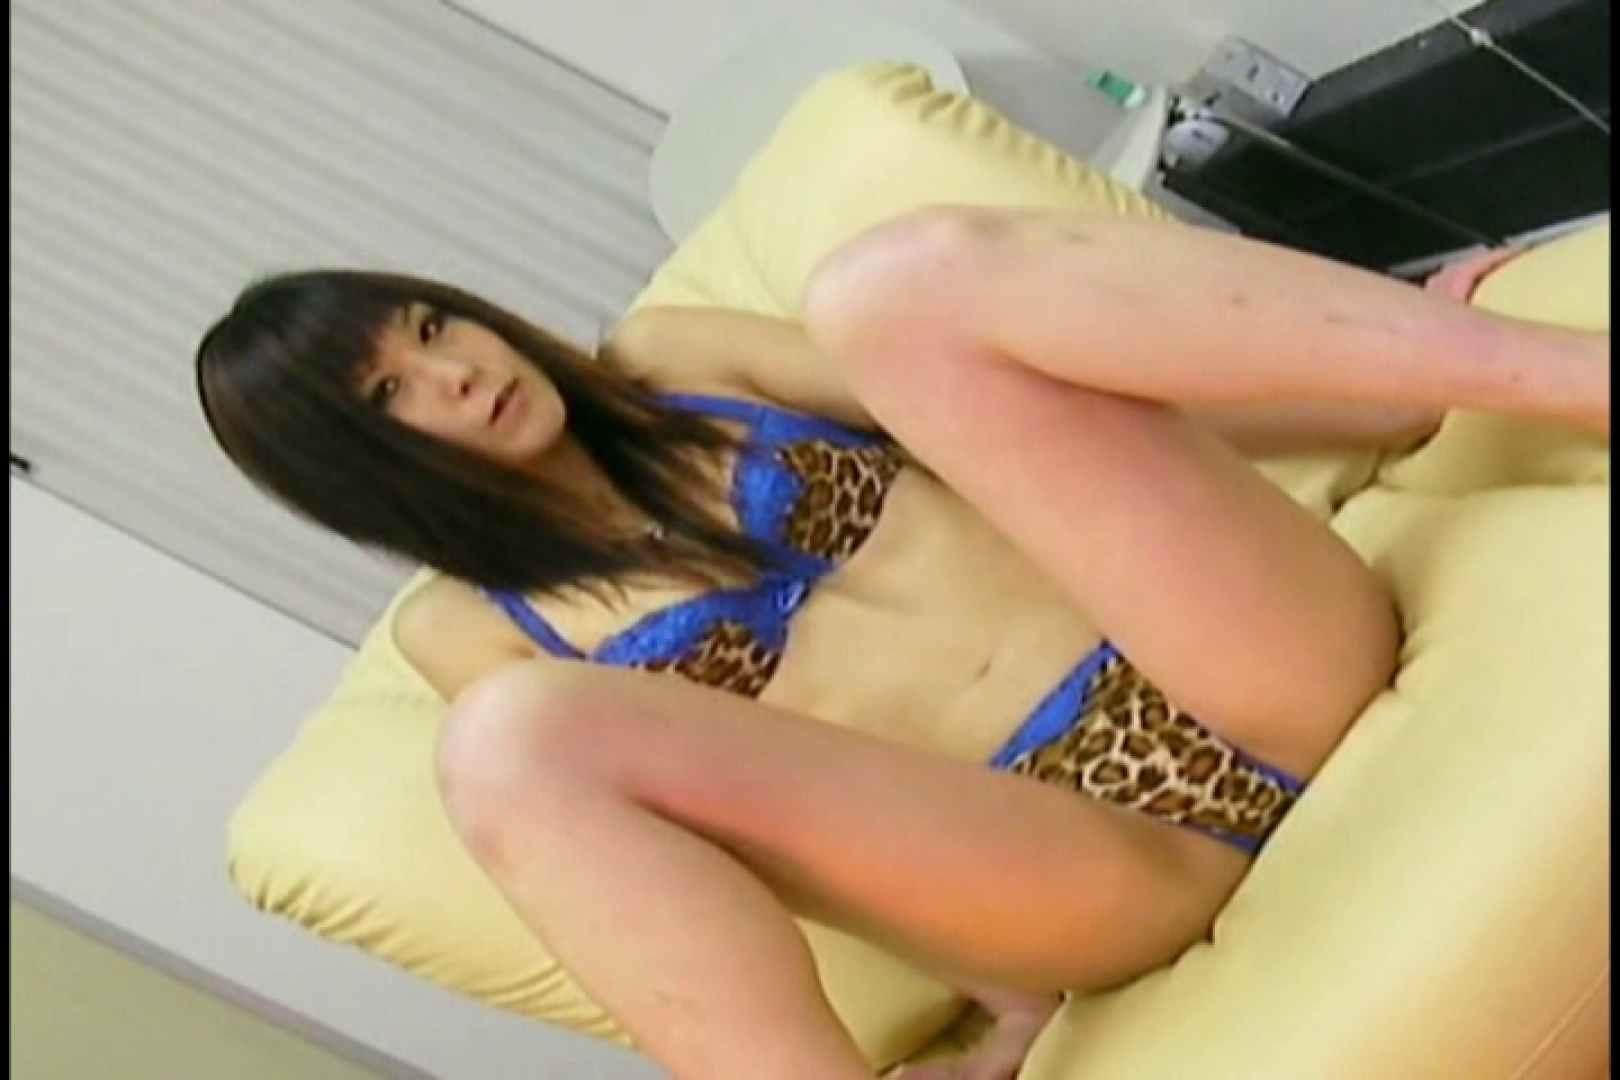 素人撮影 下着だけの撮影のはずが・・・りか26歳 細身娘 覗きおまんこ画像 84連発 69